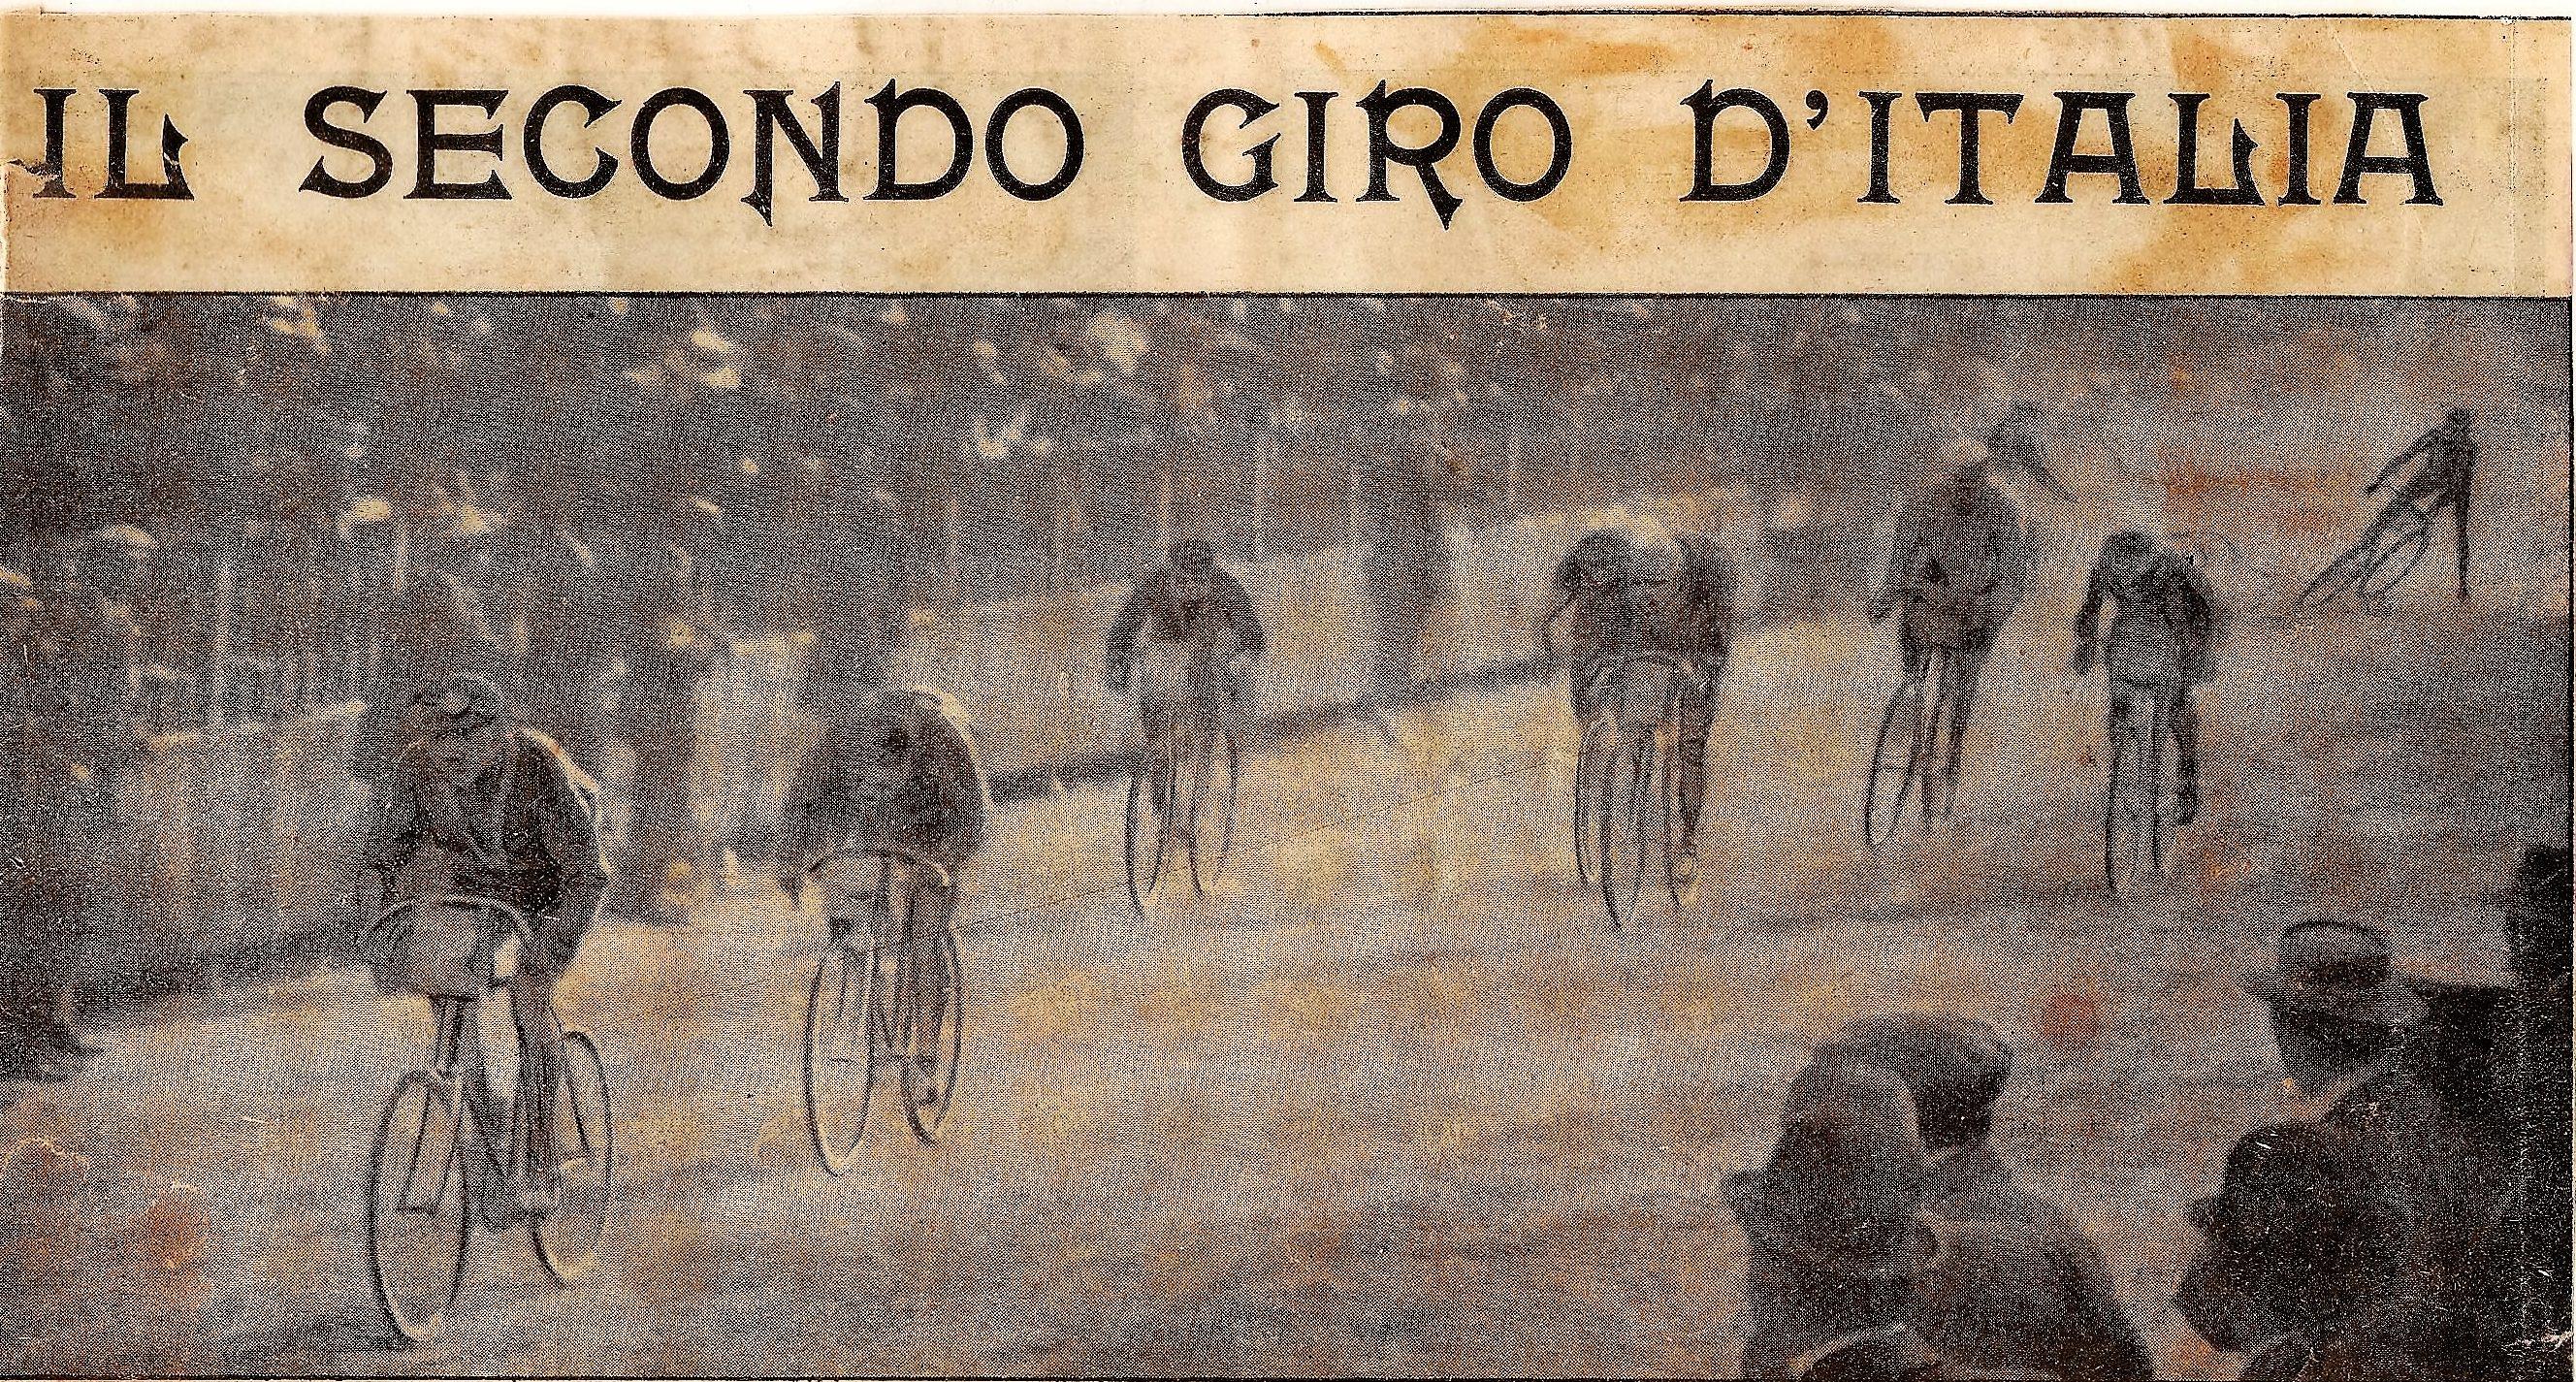 1910 - Arrivo della prima tappa del Giro d'Italia Milano – Udine: 1° Azzini, 2° Galetti